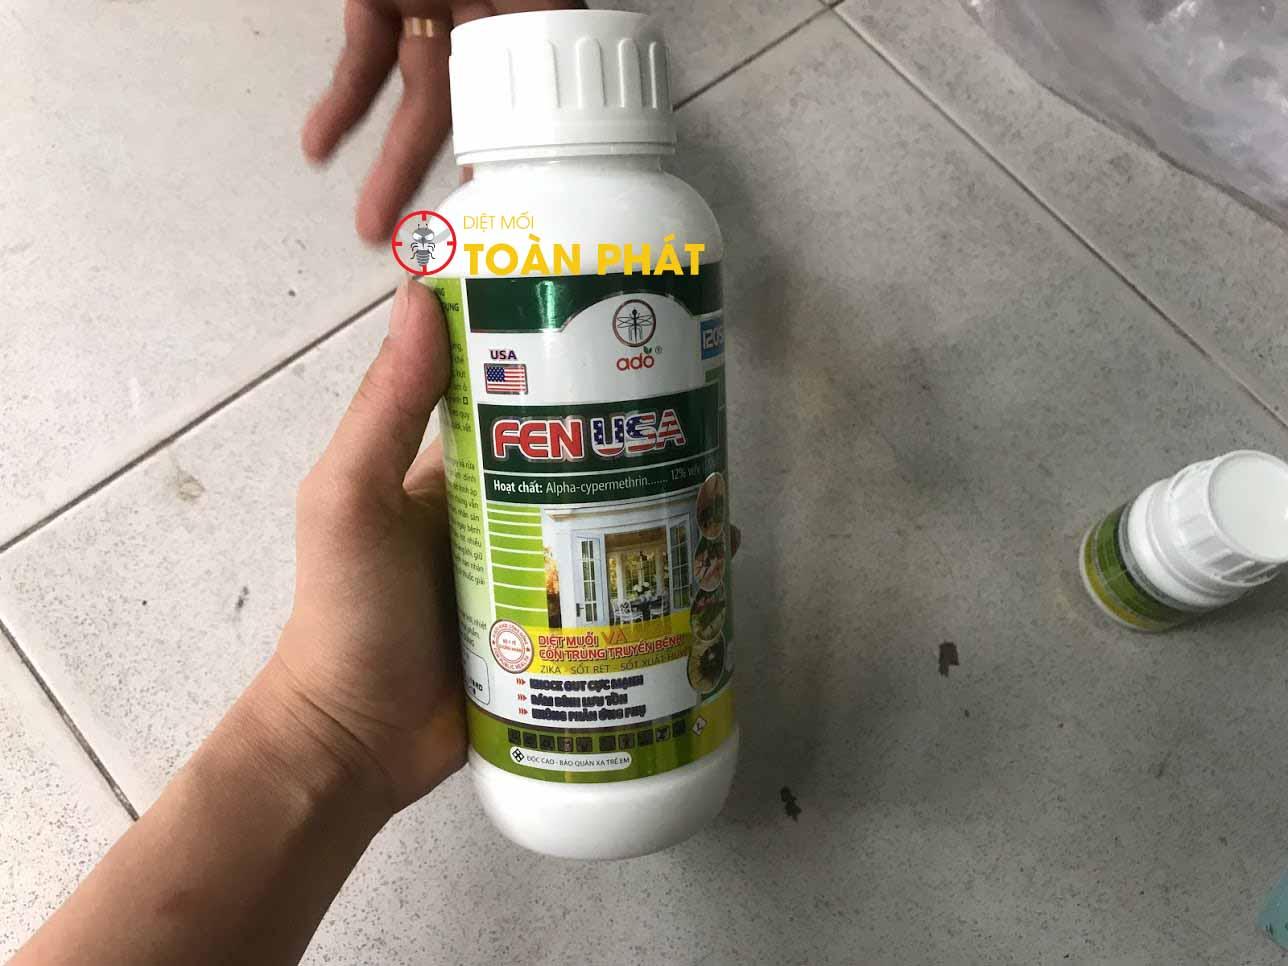 Thuốc diệt côn trùng Fen USA 120SC